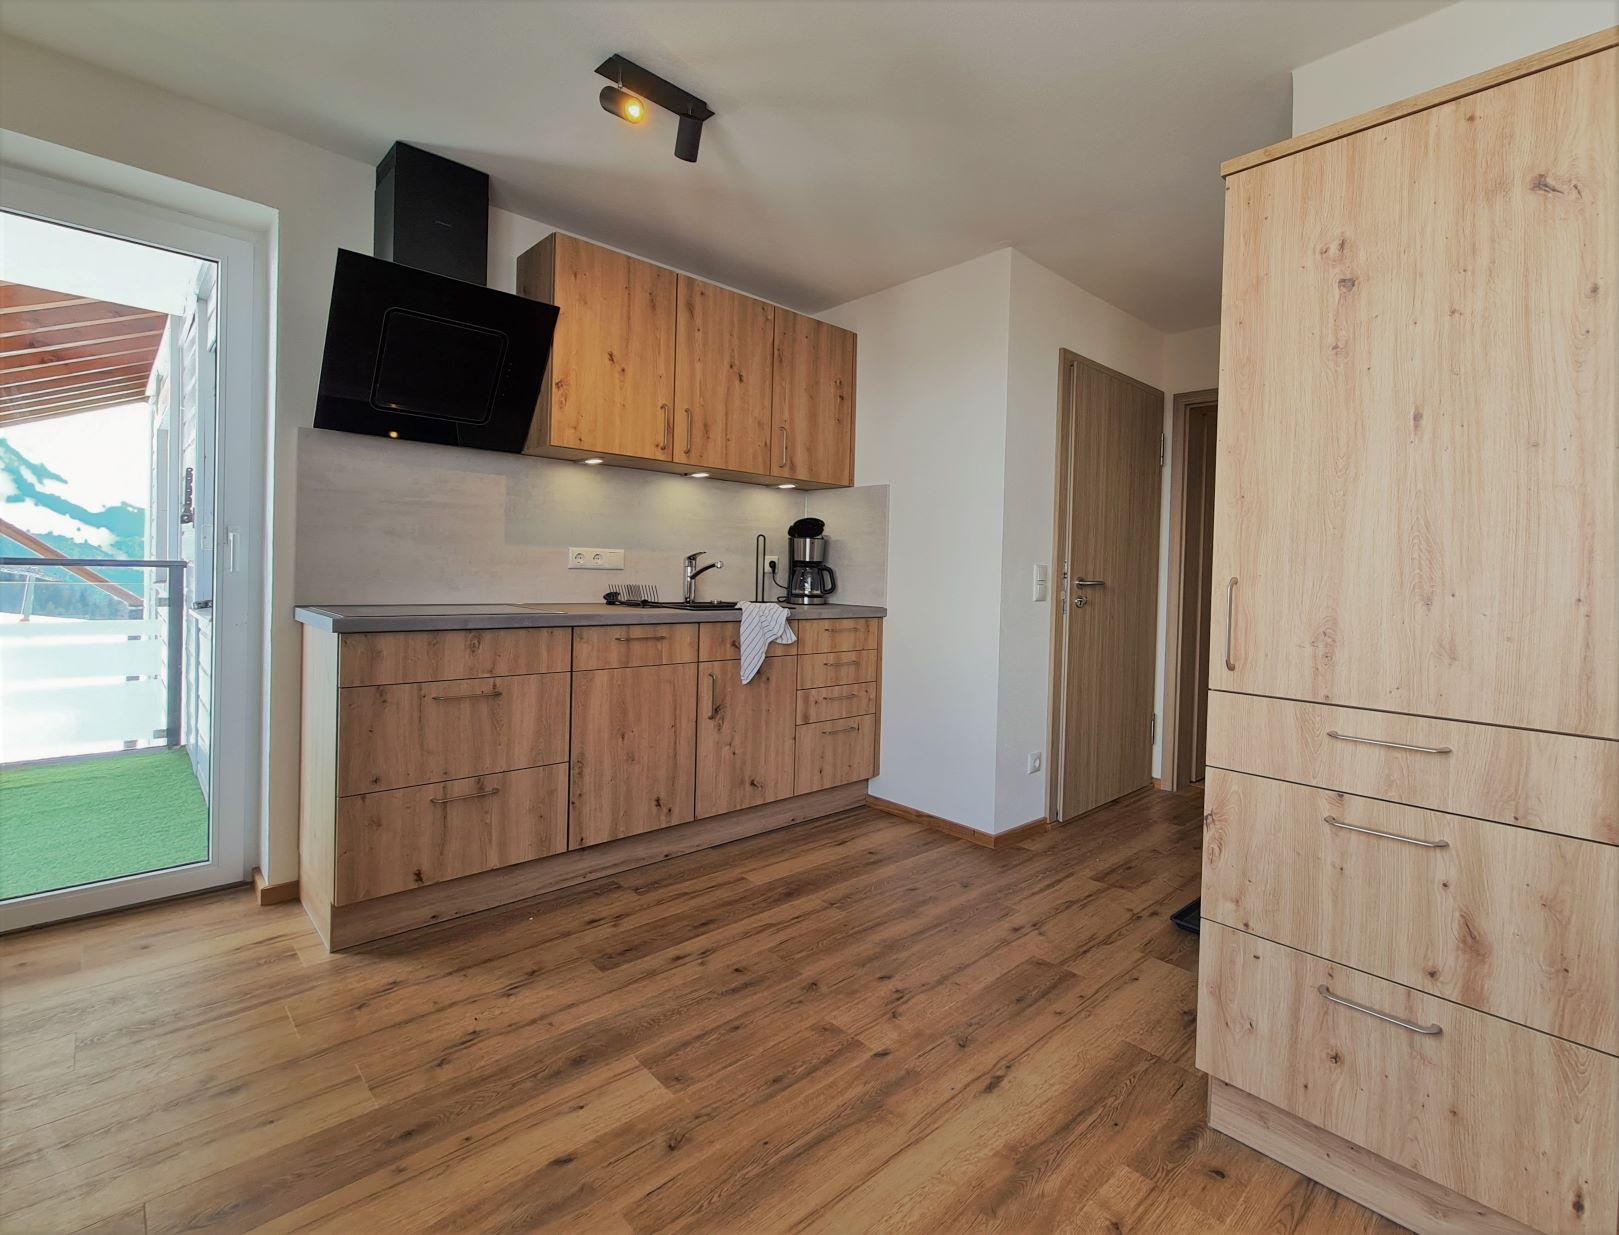 Gemütliches Appartement mit Schlafbereich mit einem Doppelbett sowie einer Küche mit Essecke. Hier hast Du einen Südbalkon mit Blick auf den Hausberg Iseler. Das gesamte Appartement inkl. Bad mit Dusche und WC wurde 2020 komplett neu gebaut. Der Preis bezieht sich auf eine Belegung mit 2 Erwachsenen in der Sommer Nebensaison.